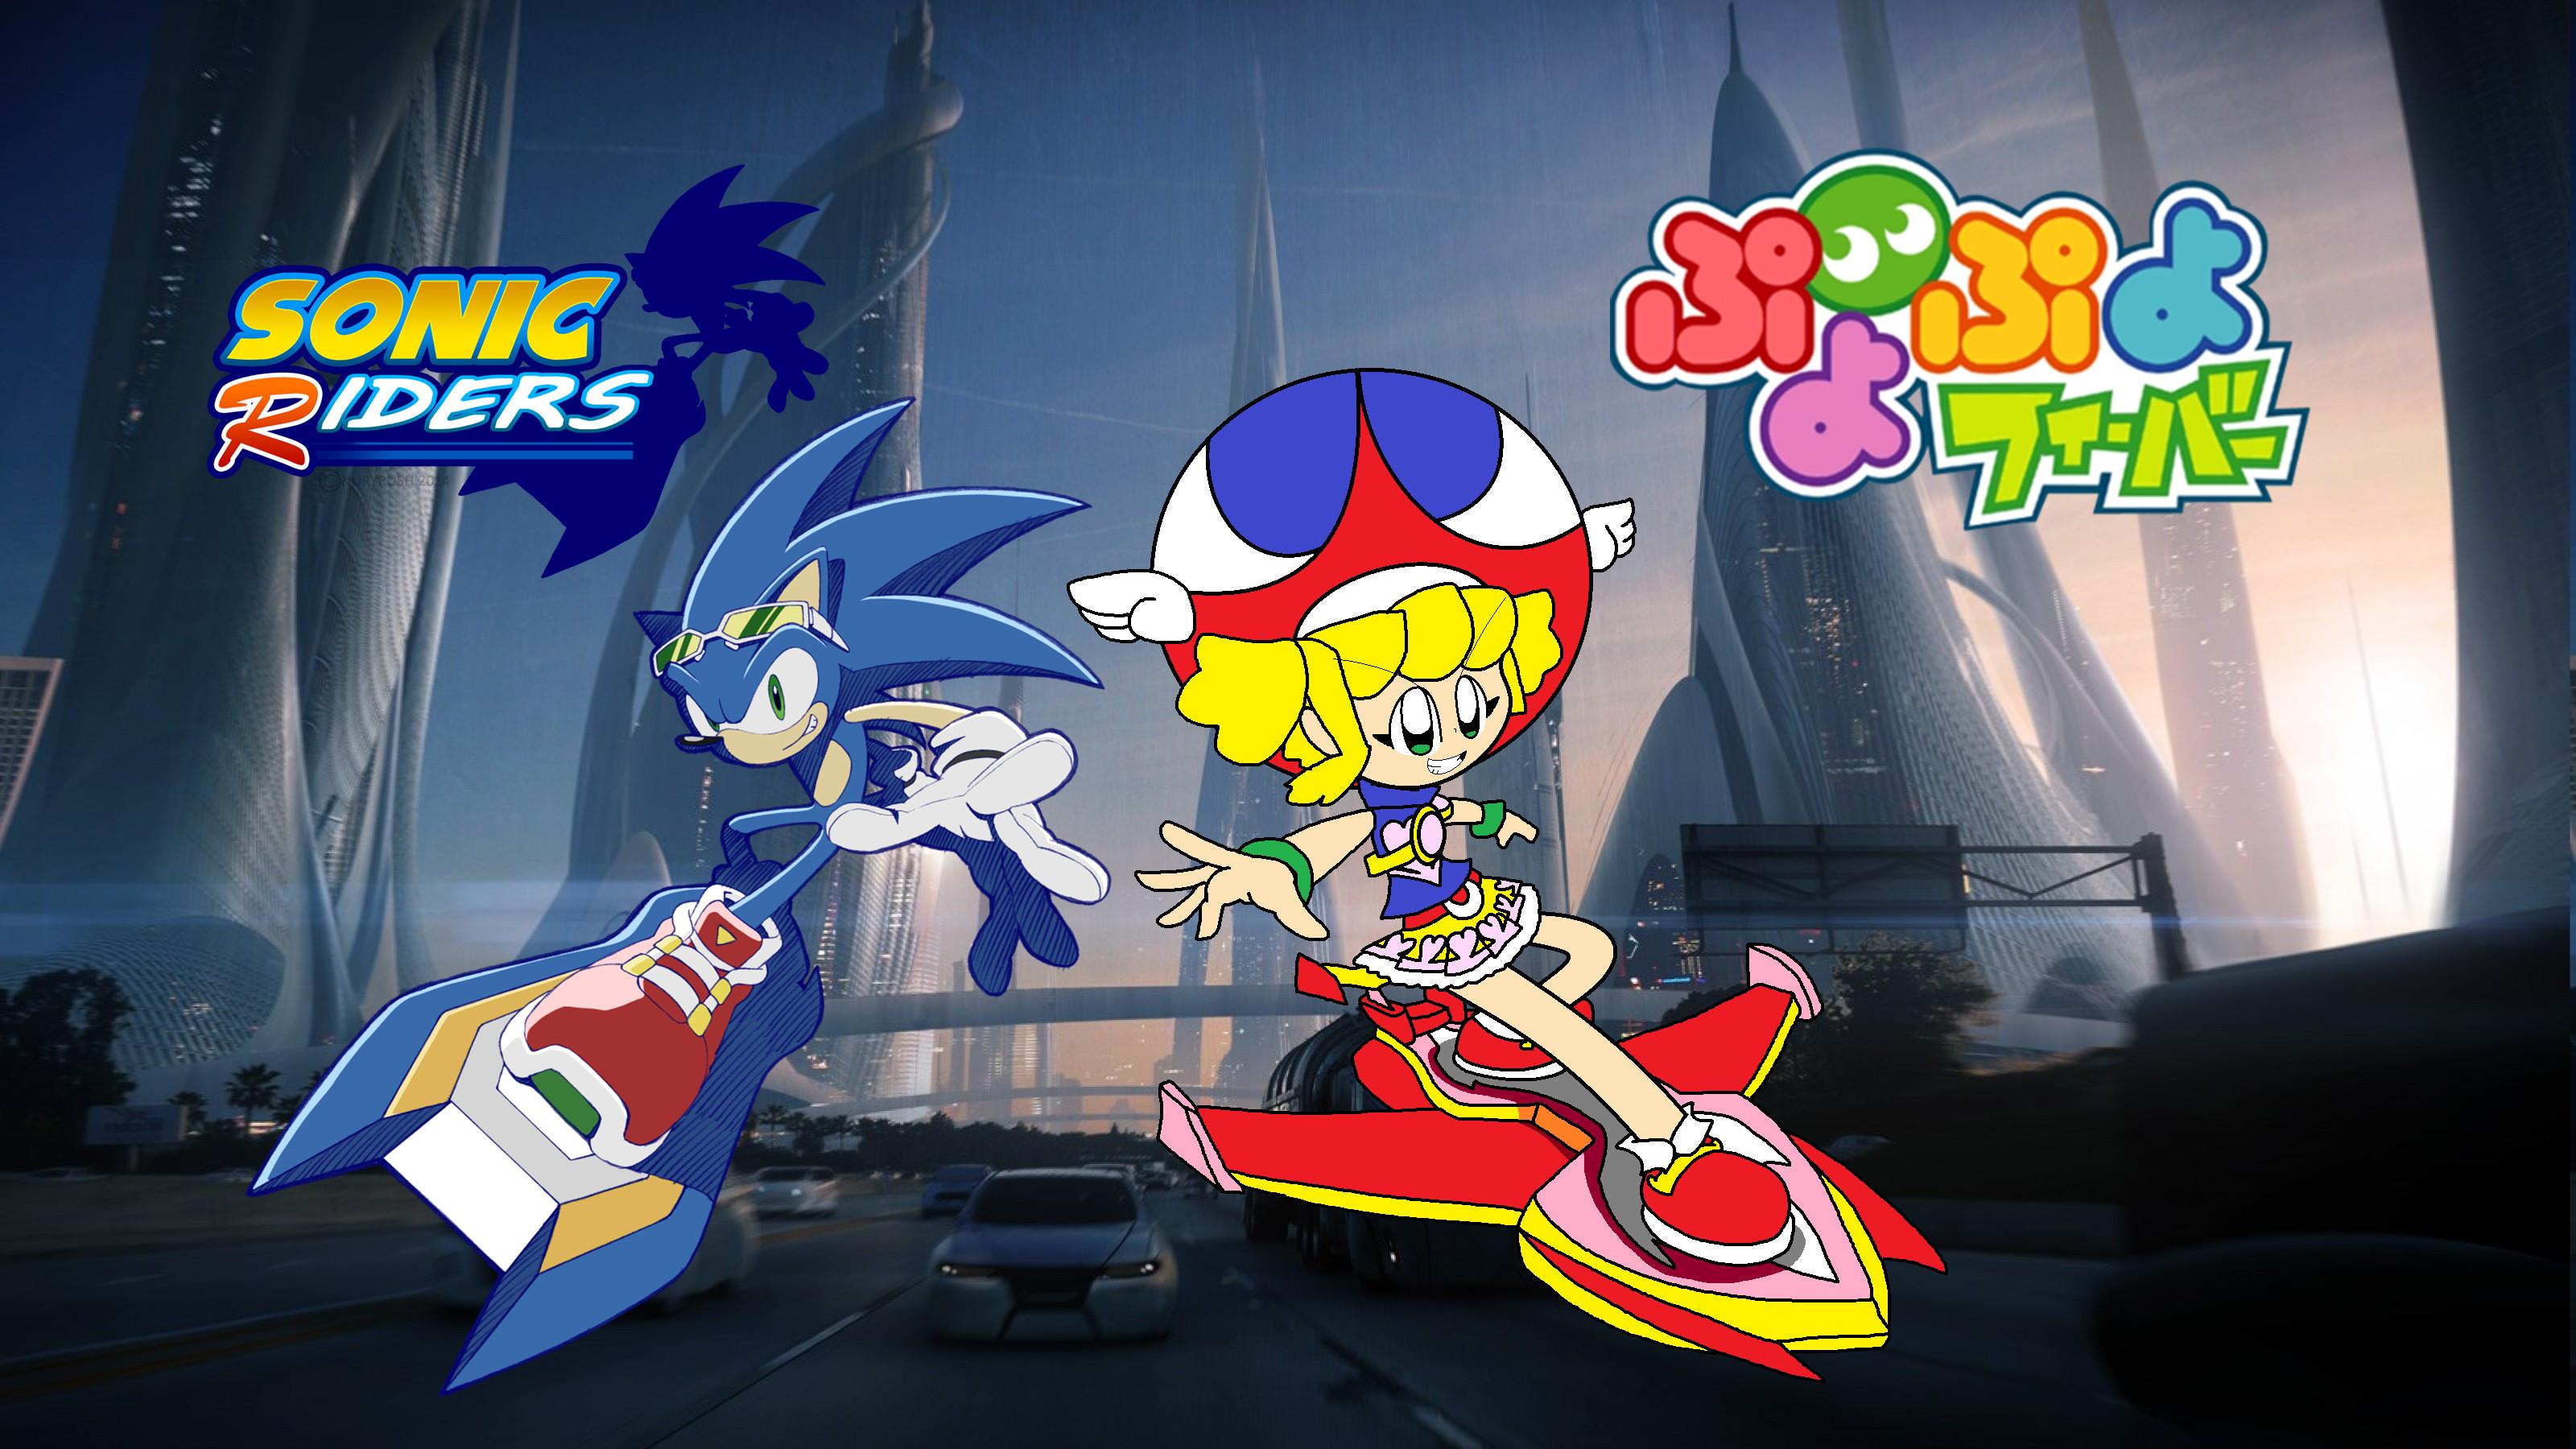 … Sonic Riders and Puyo Puyo Fever: Sonic and Amitie by wilsonasmara